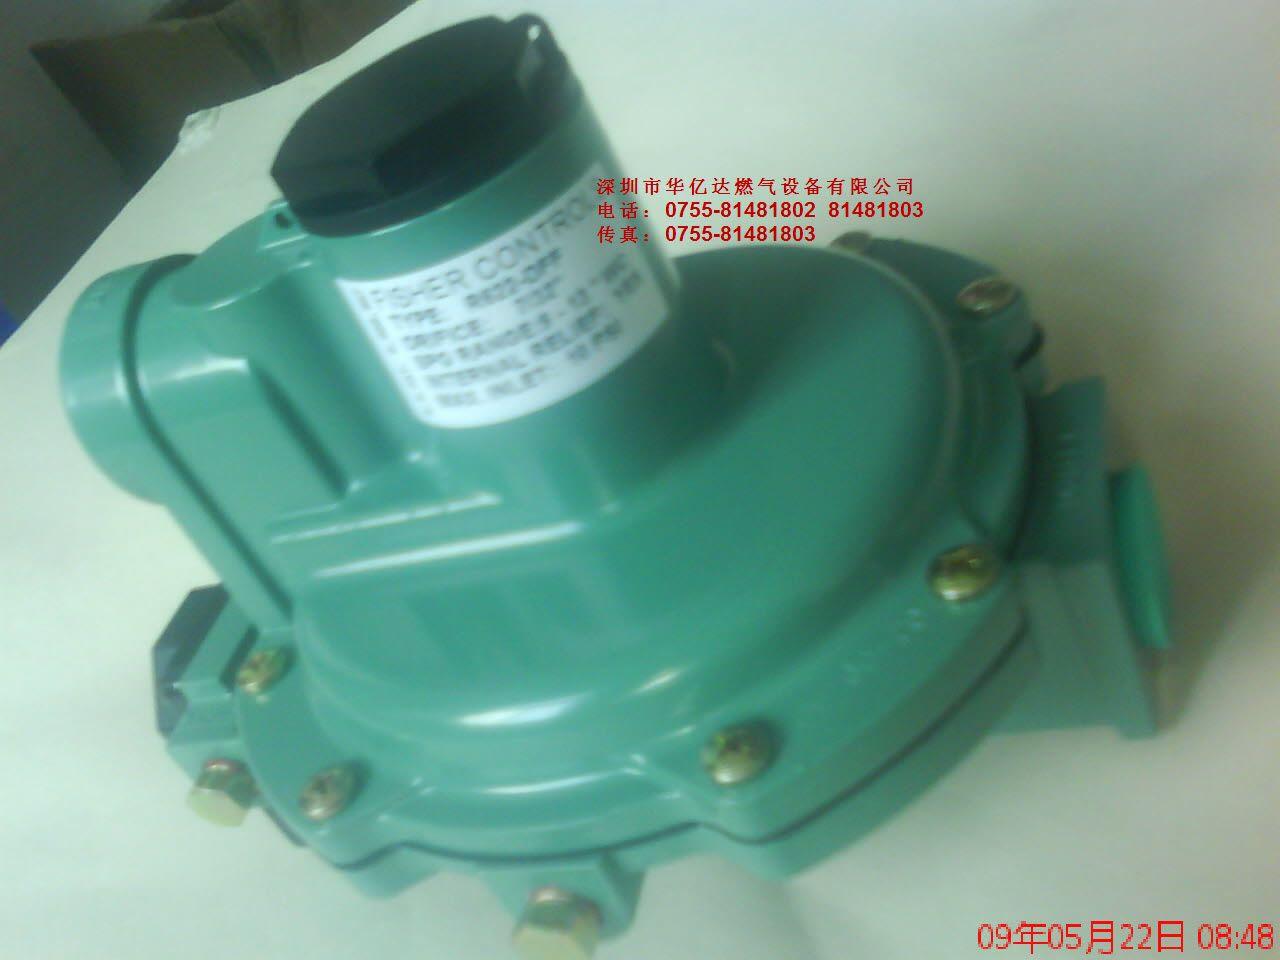 深圳市华亿达燃气设备有限公司的形象照片